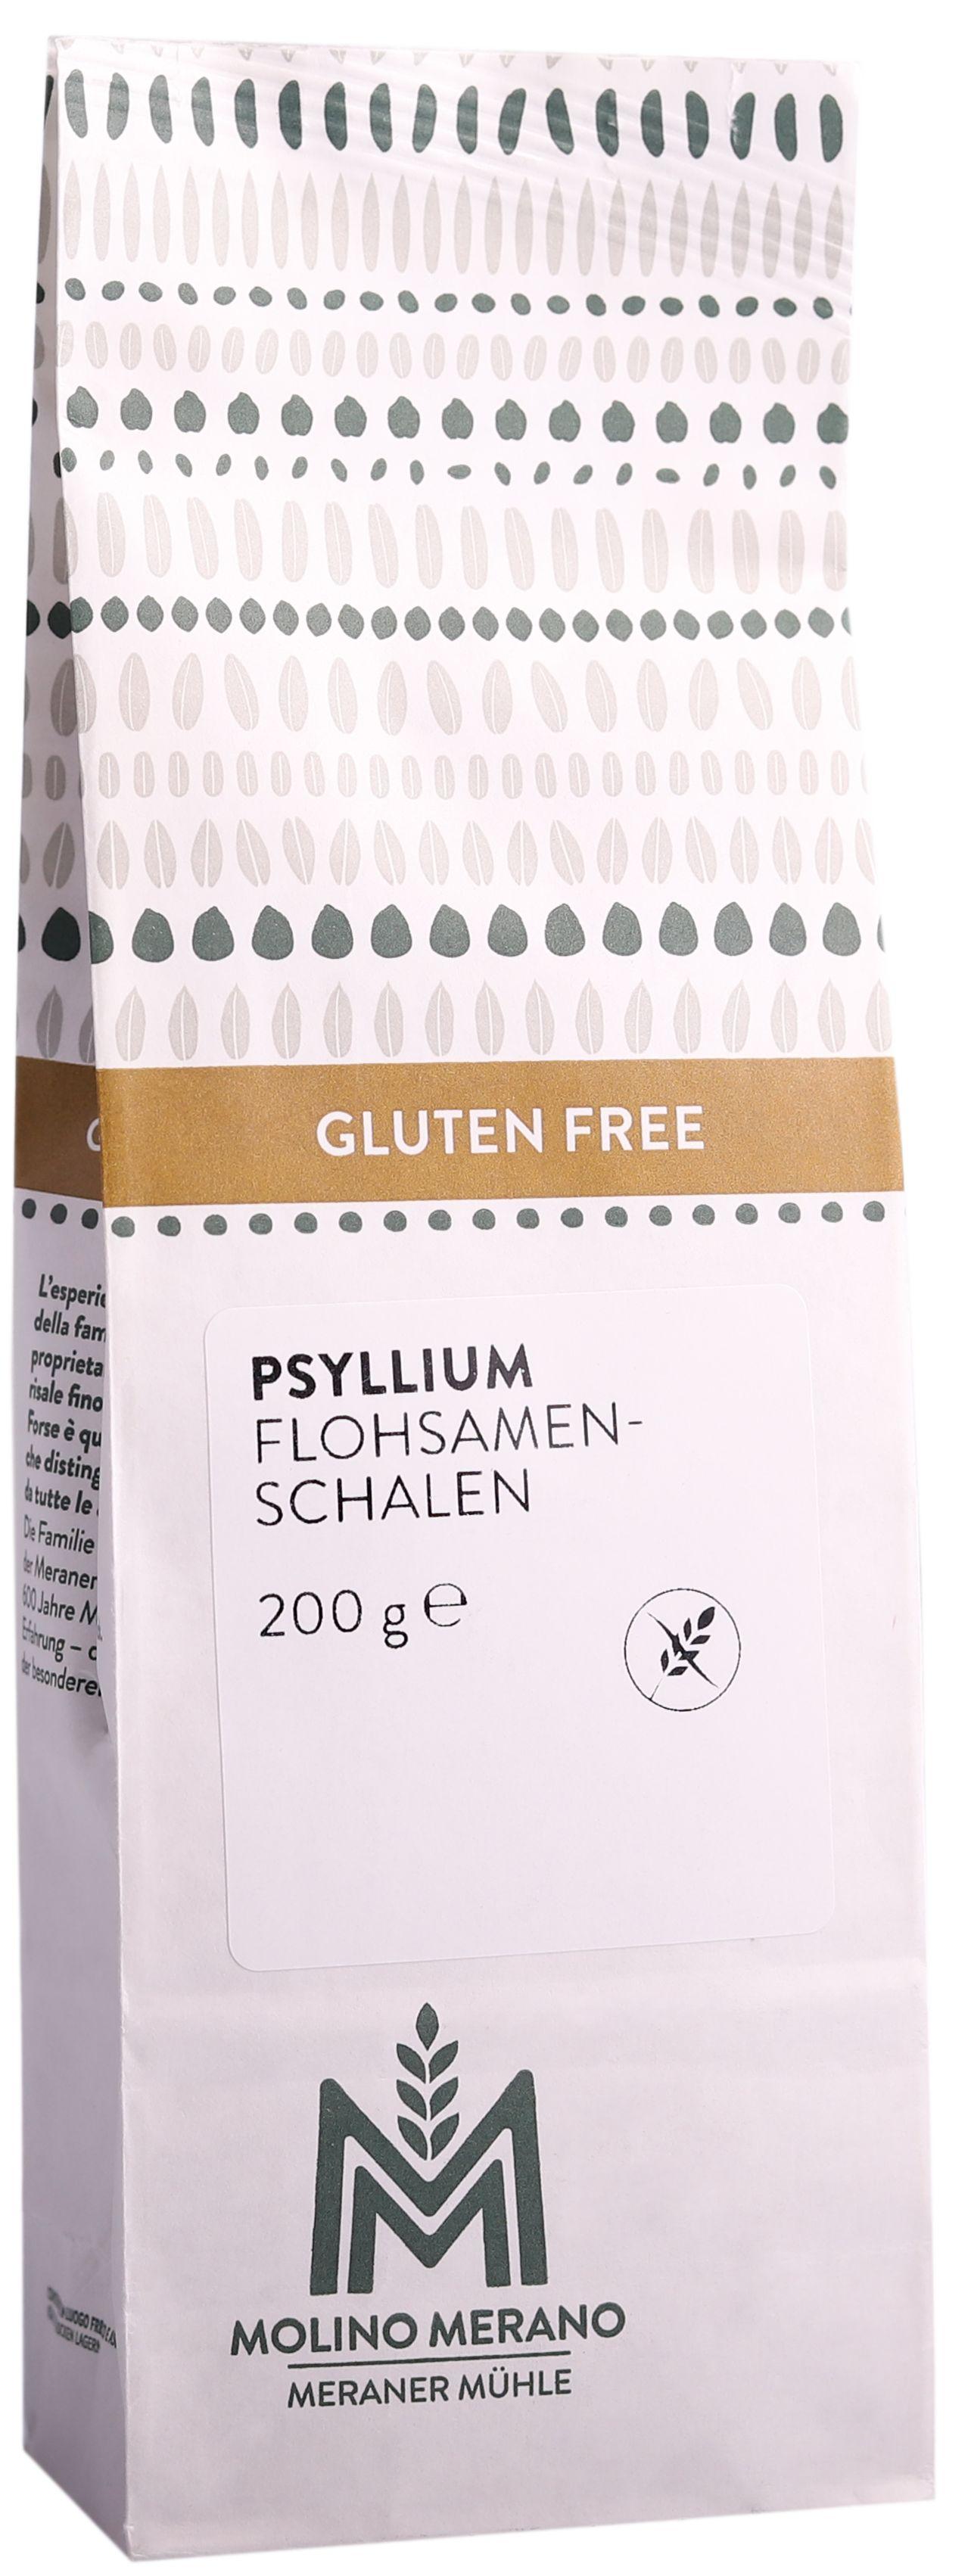 Psyllium fibre